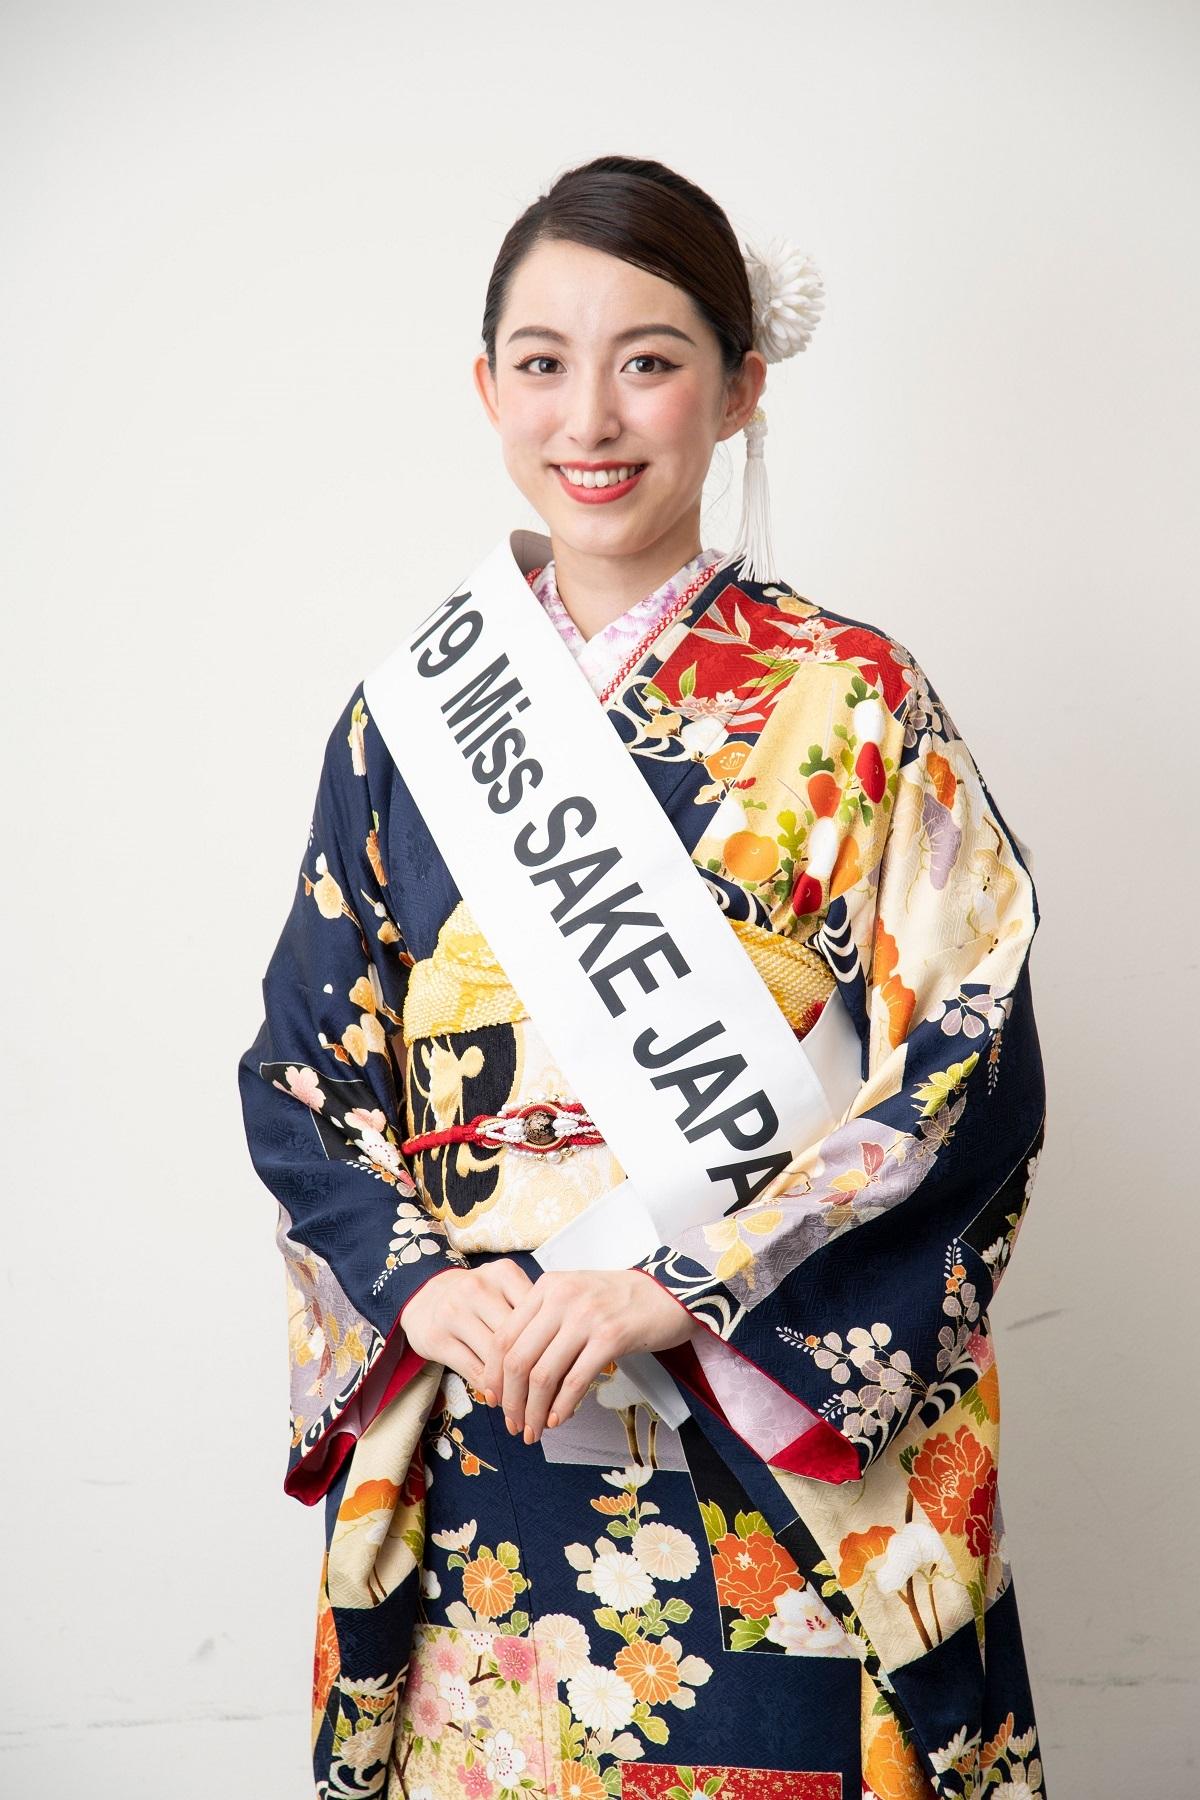 グランプリの春田 早重(はるた さえ)さん 2月29日(土)登場予定